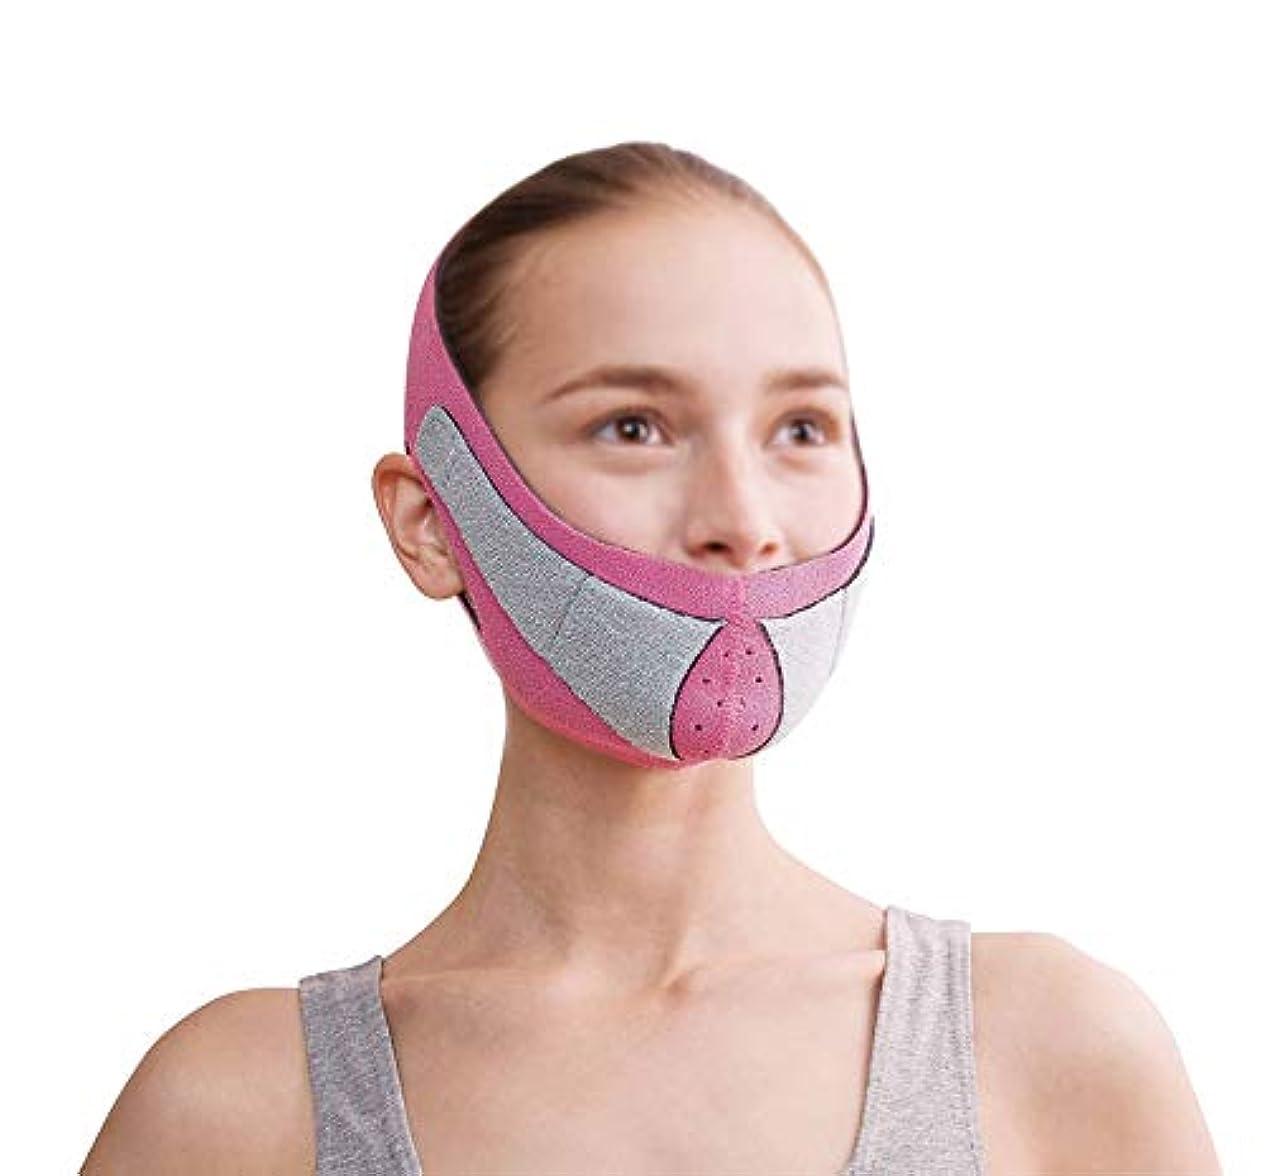 彼自身雑多なまもなくTLMY 薄い顔のマスクのマスクと垂れ下がり防止の薄い顔のマスク薄い顔のマスクのアーティファクトの美しさの首ネックストラップを引き締め 顔用整形マスク